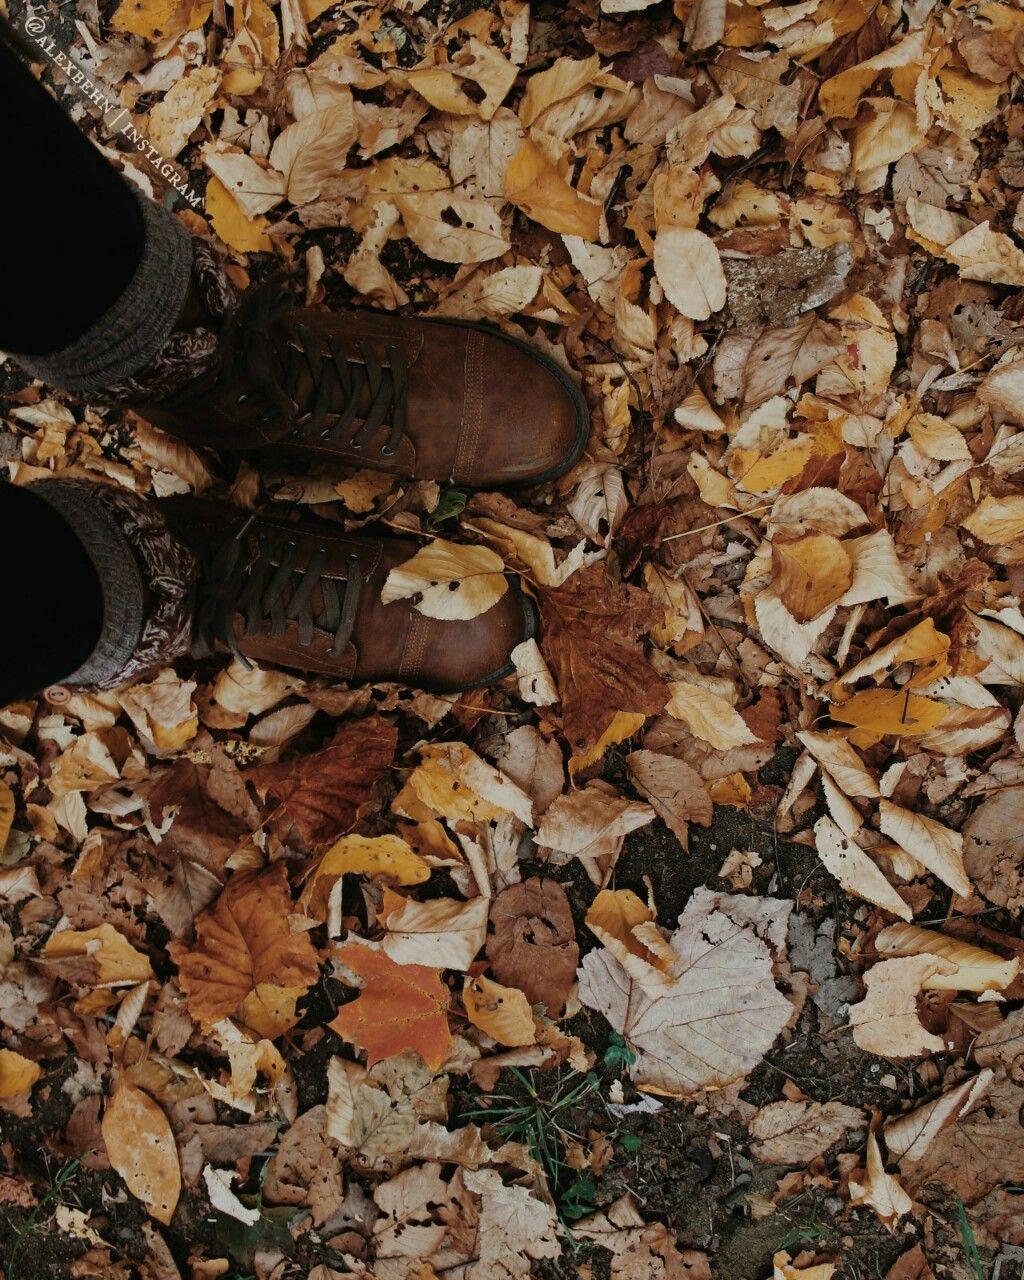 Autumng Asthetics: Autumn Aesthetic